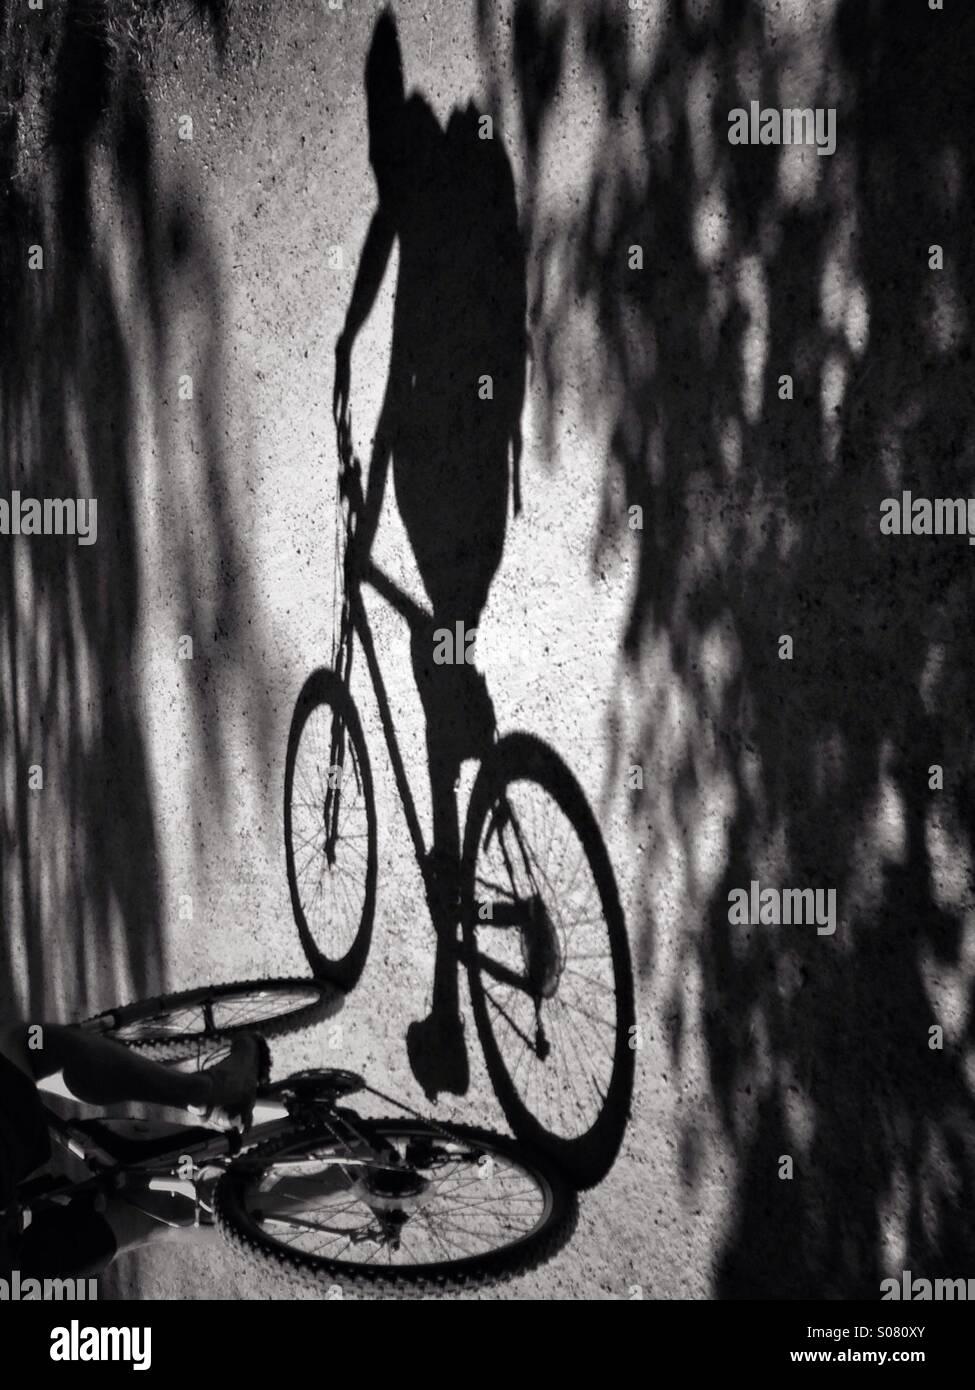 Le biciclette possono cambiare, ma il ciclismo è senza tempo. Foto Stock